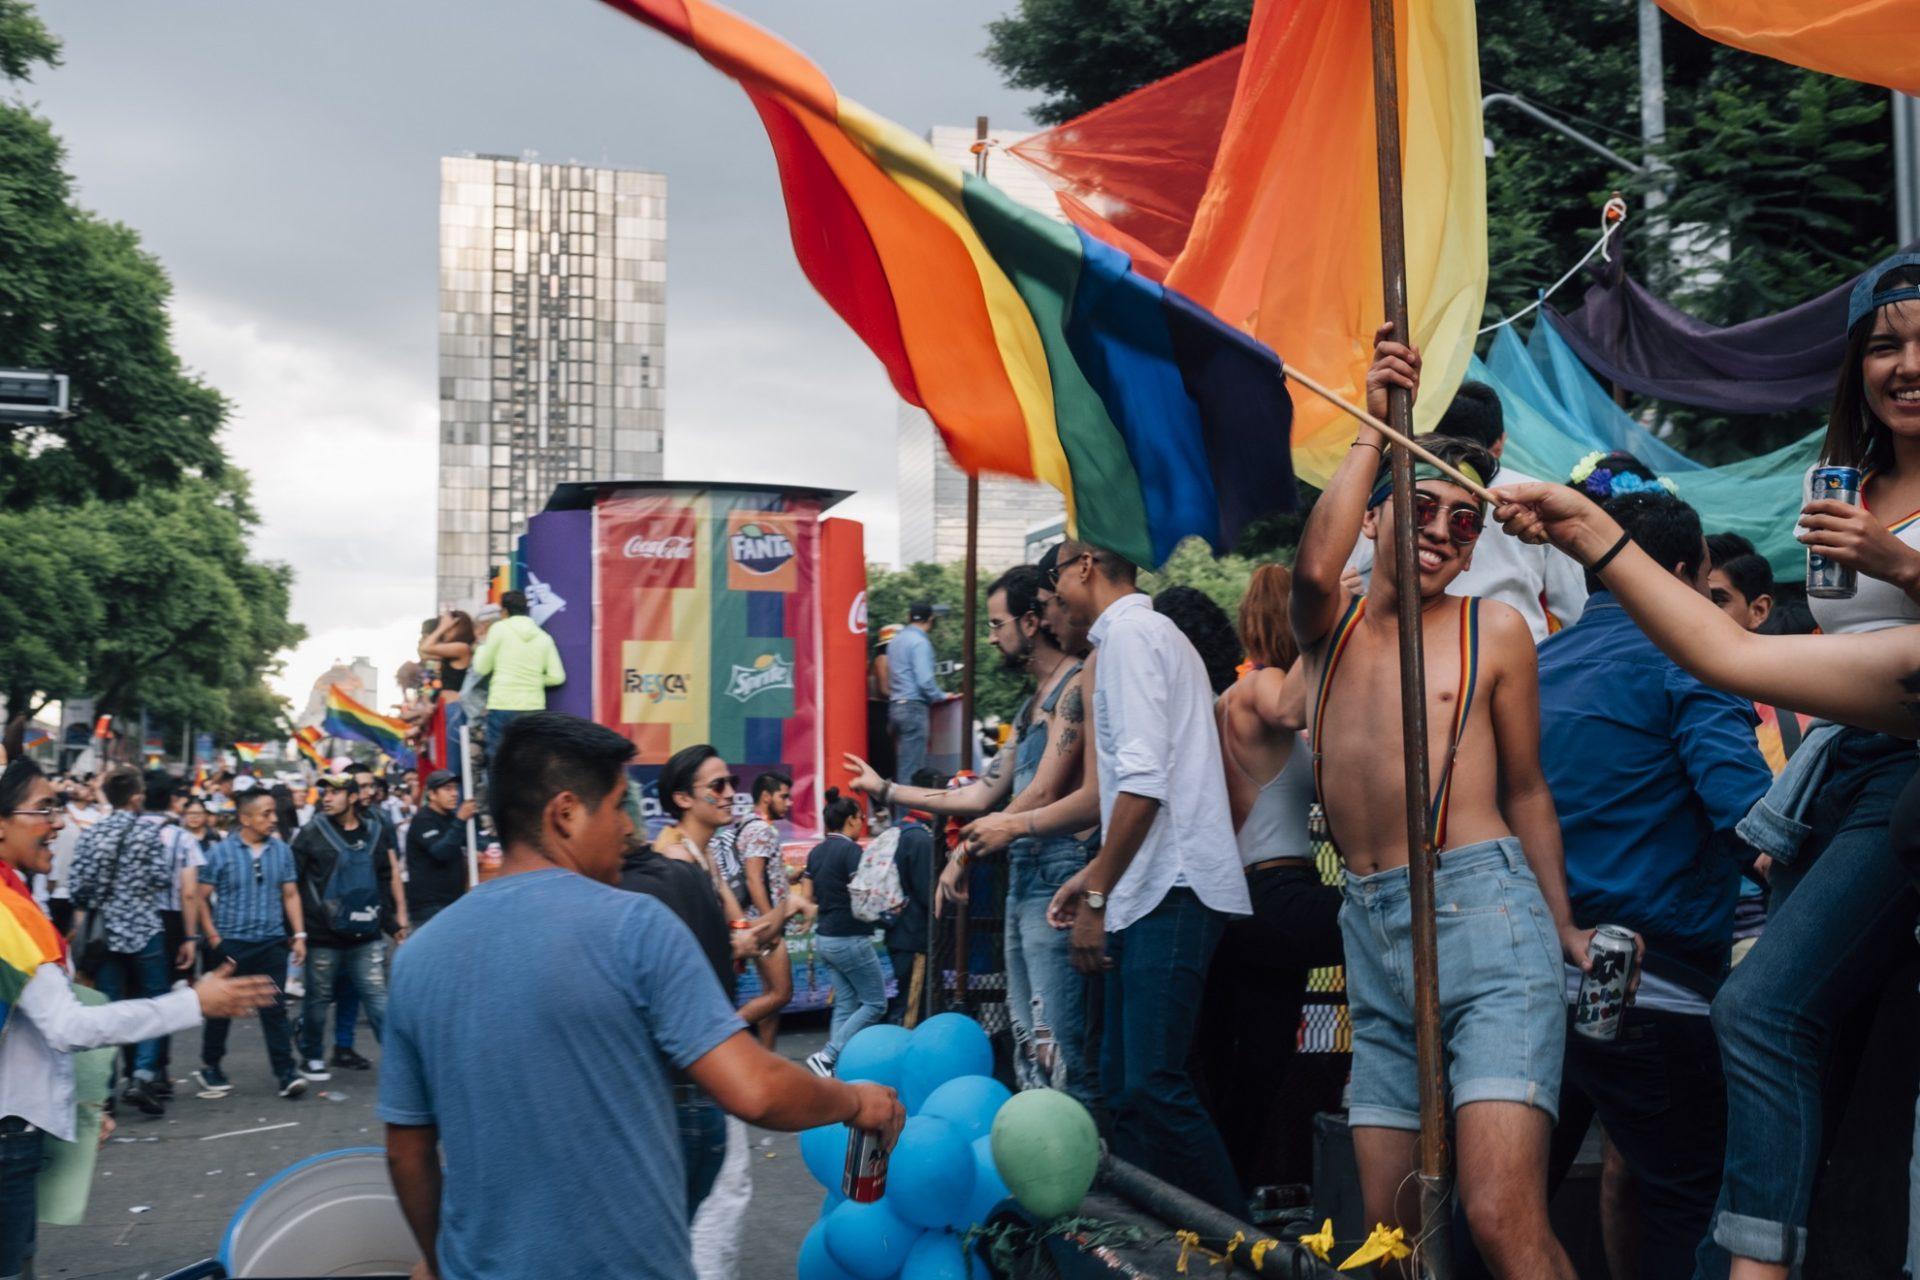 Gay pryde 2019 Mexico @laurentparienti-9